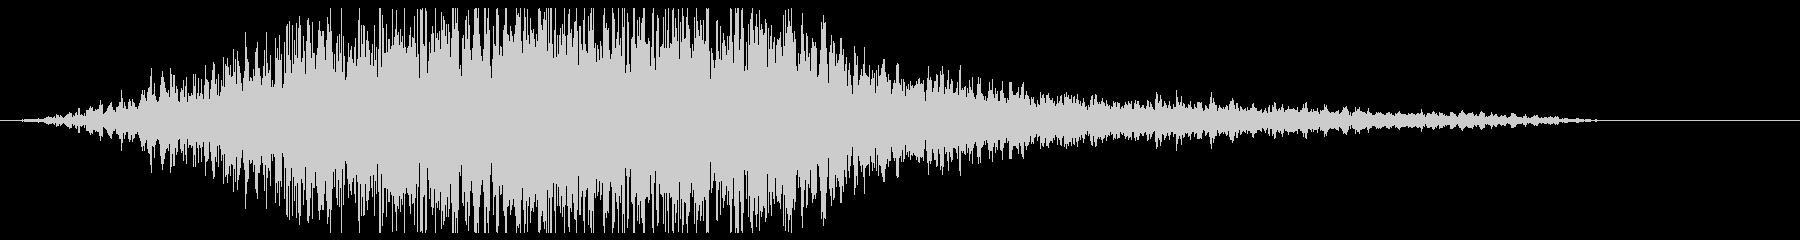 何かが移動していく音の未再生の波形